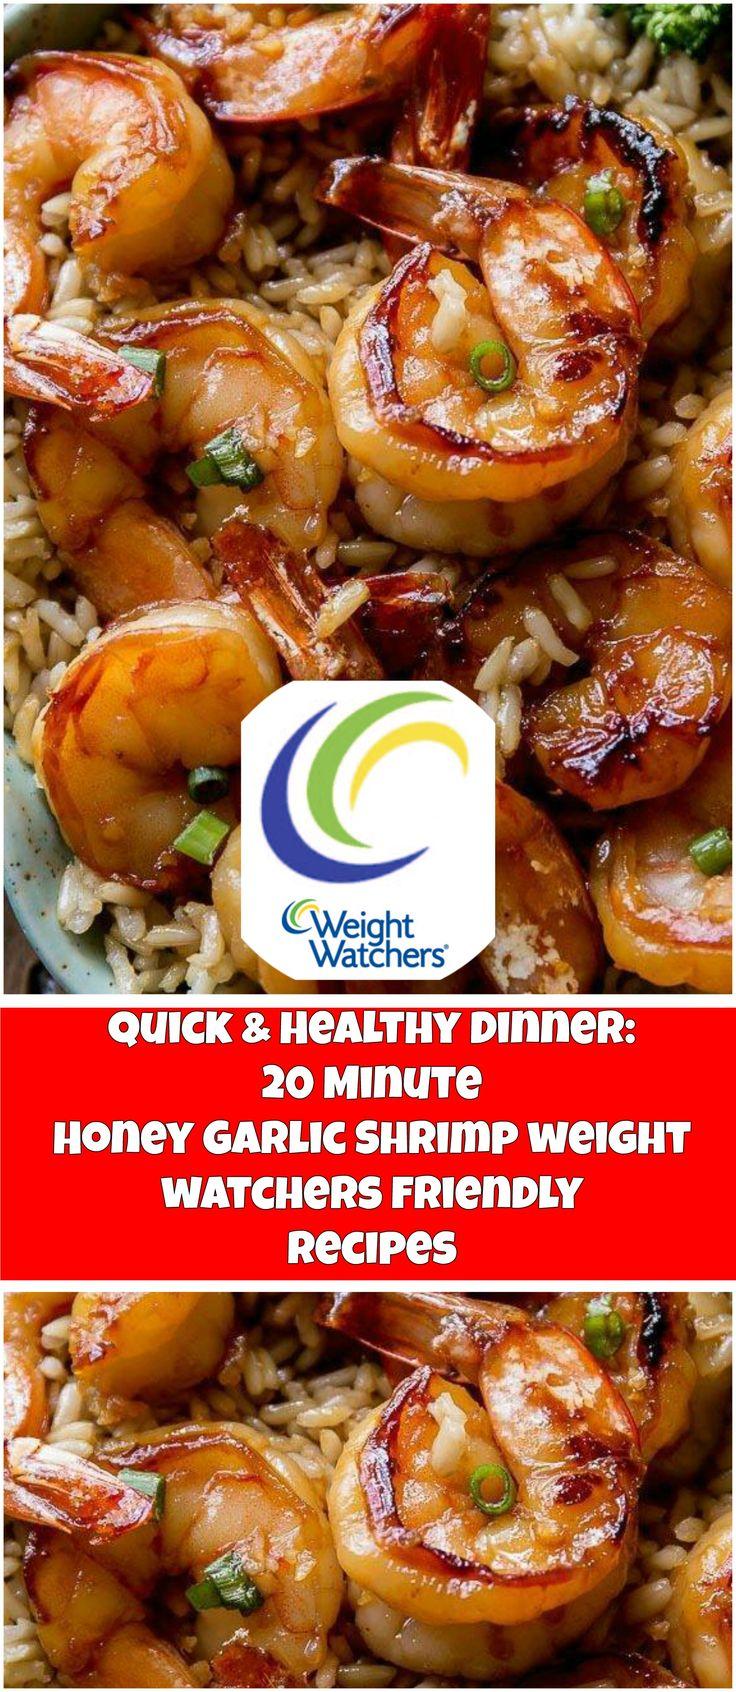 Quick+&+Healthy+Dinner:+20+Minute+Honey+Garlic+Shrimp